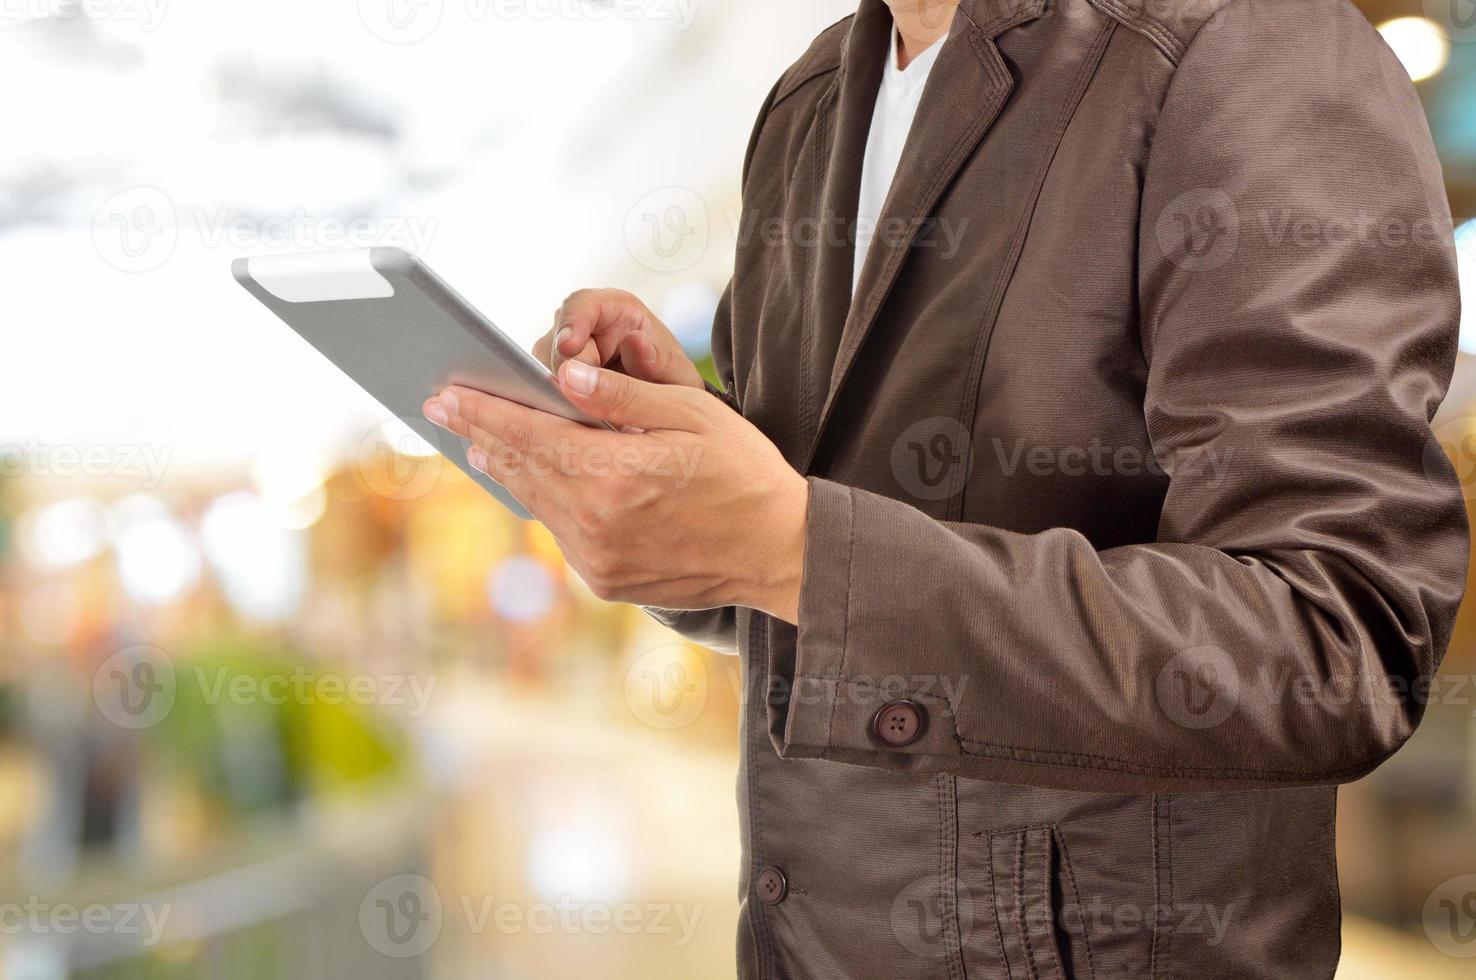 jeune homme, mains, tenue, tablette, dans, centre commercial photo